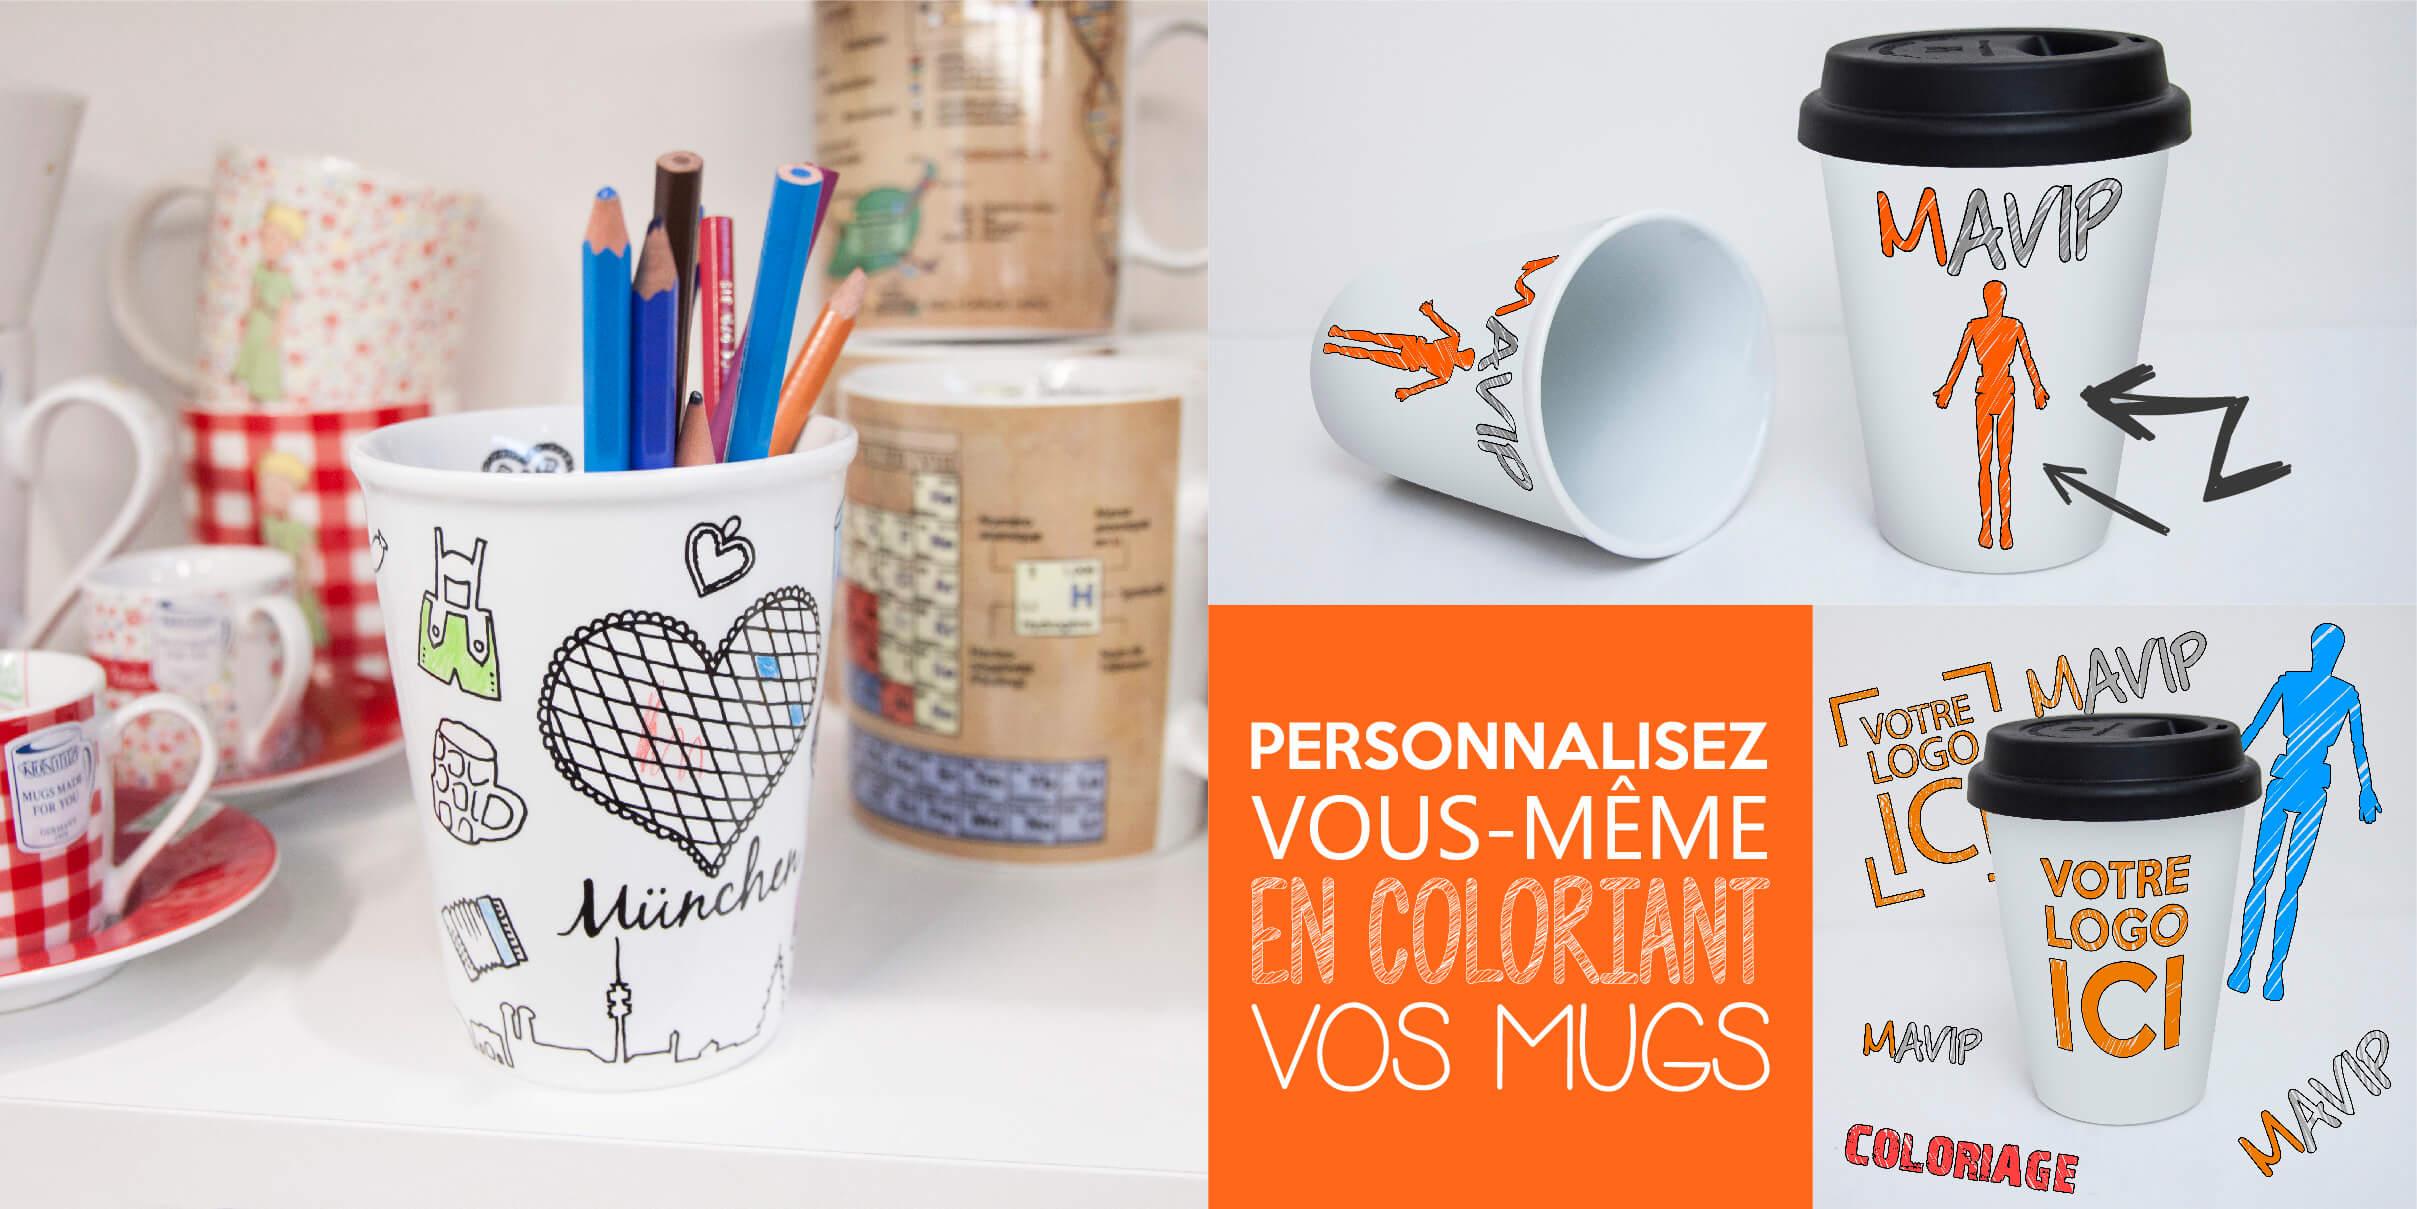 Personnalisez vous même avec les mugs à colorier votre logo